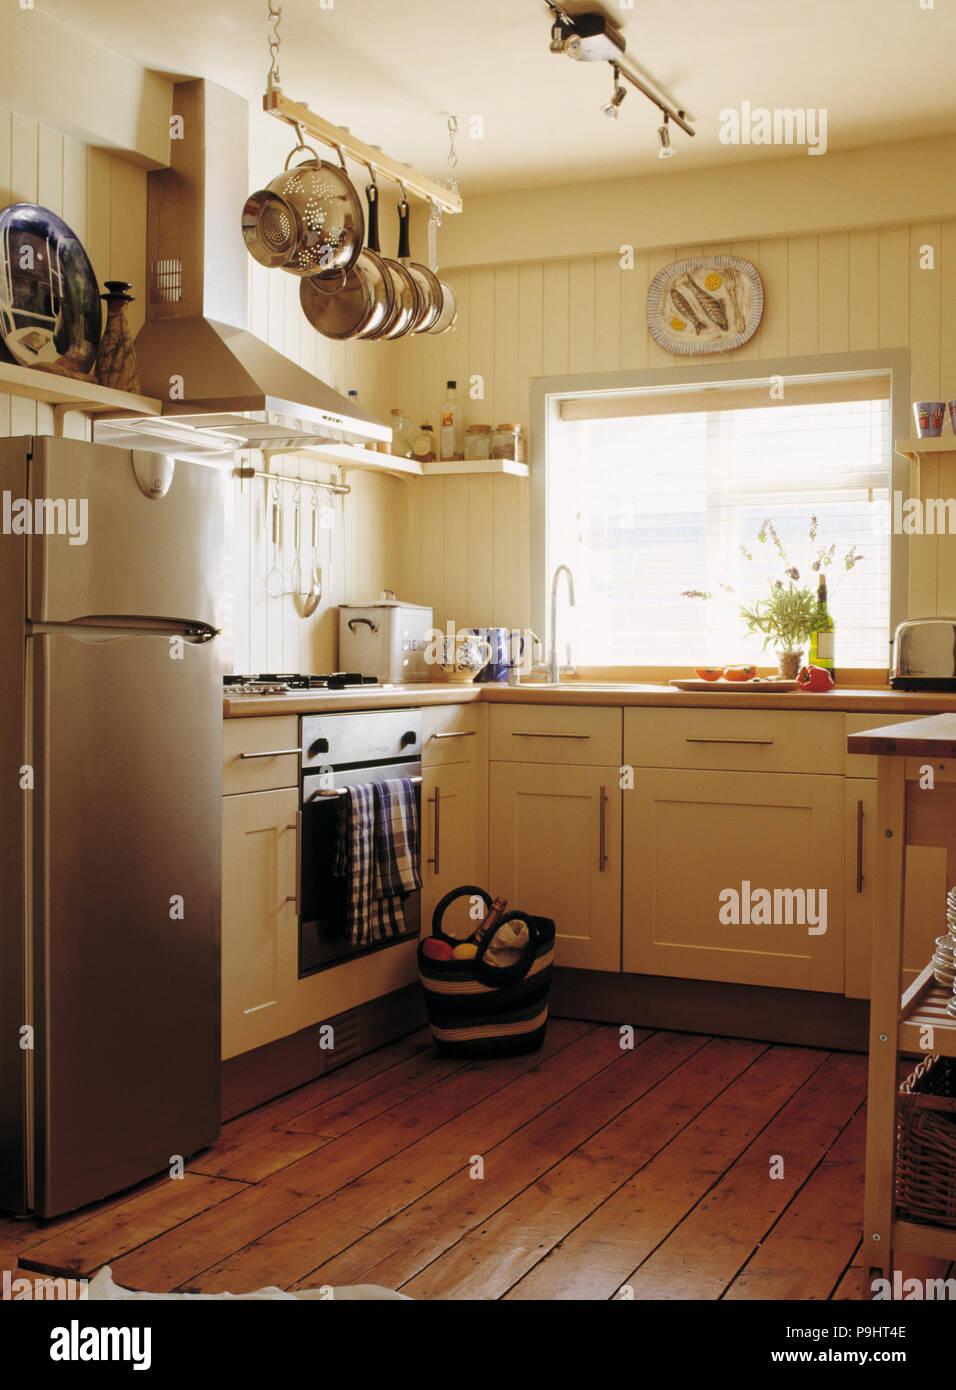 Große Edelstahl Kühlschrank mit Gefrierfach in Creme cottage ...